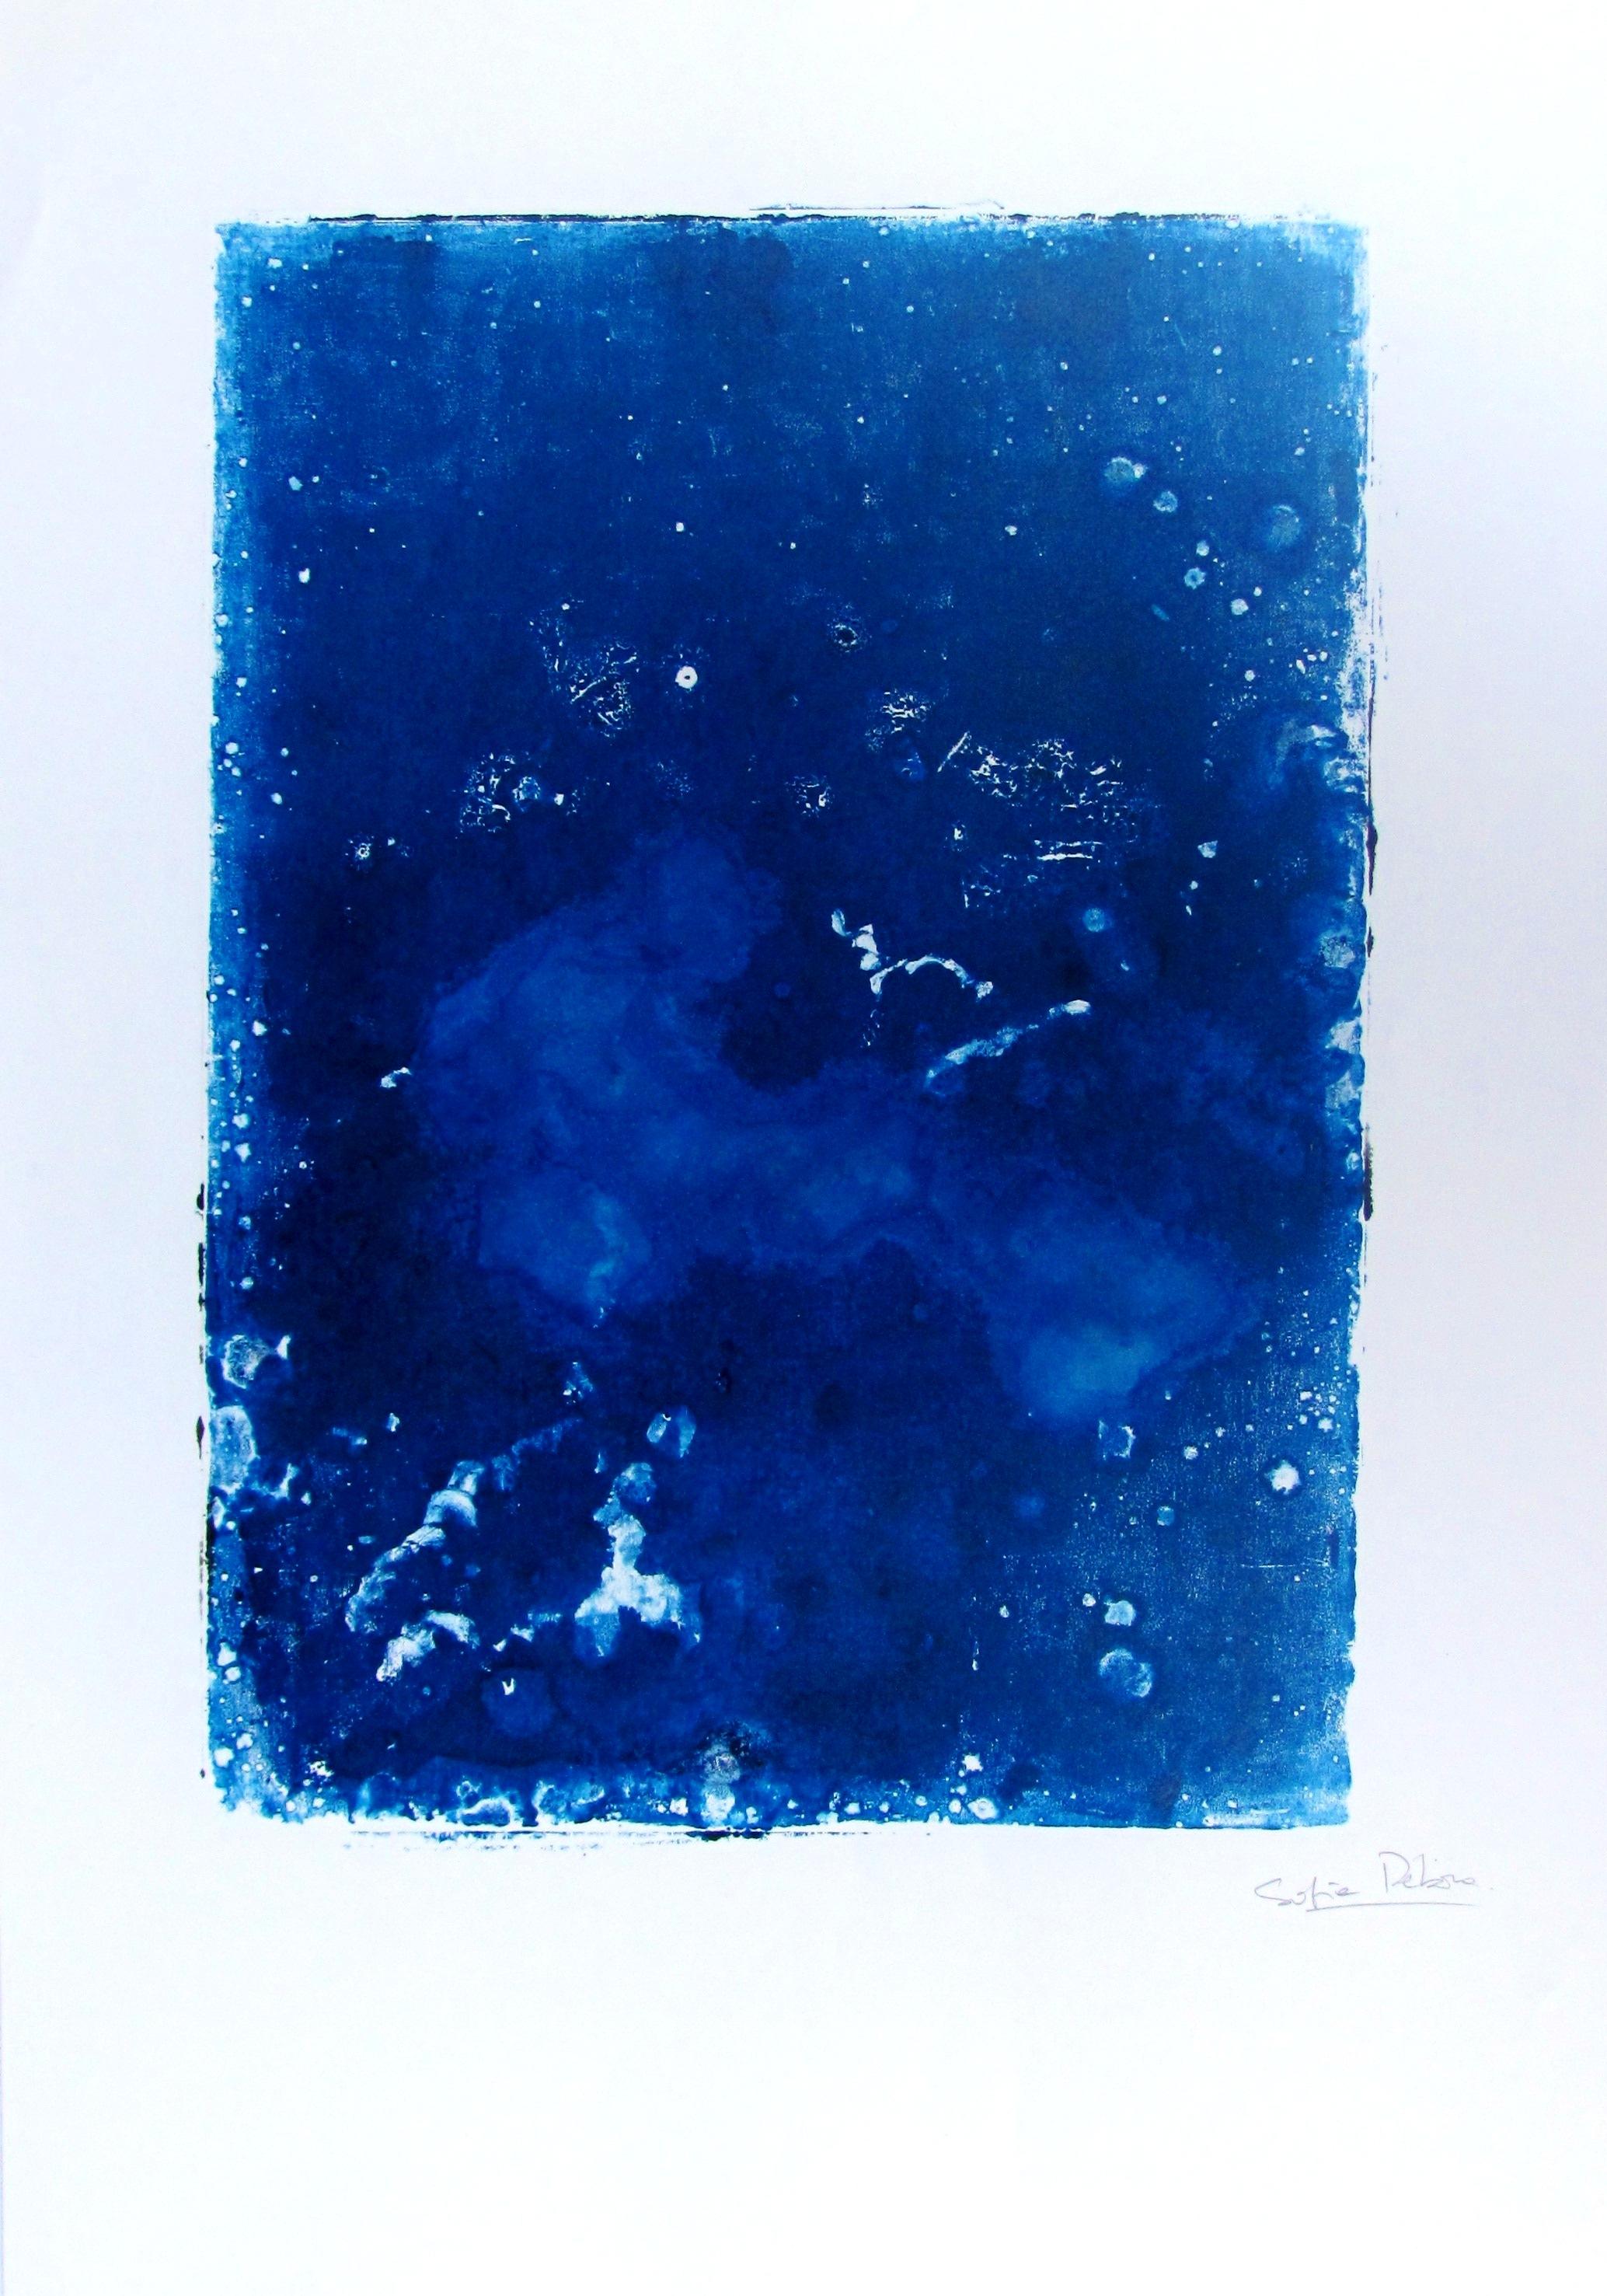 Aquamarina